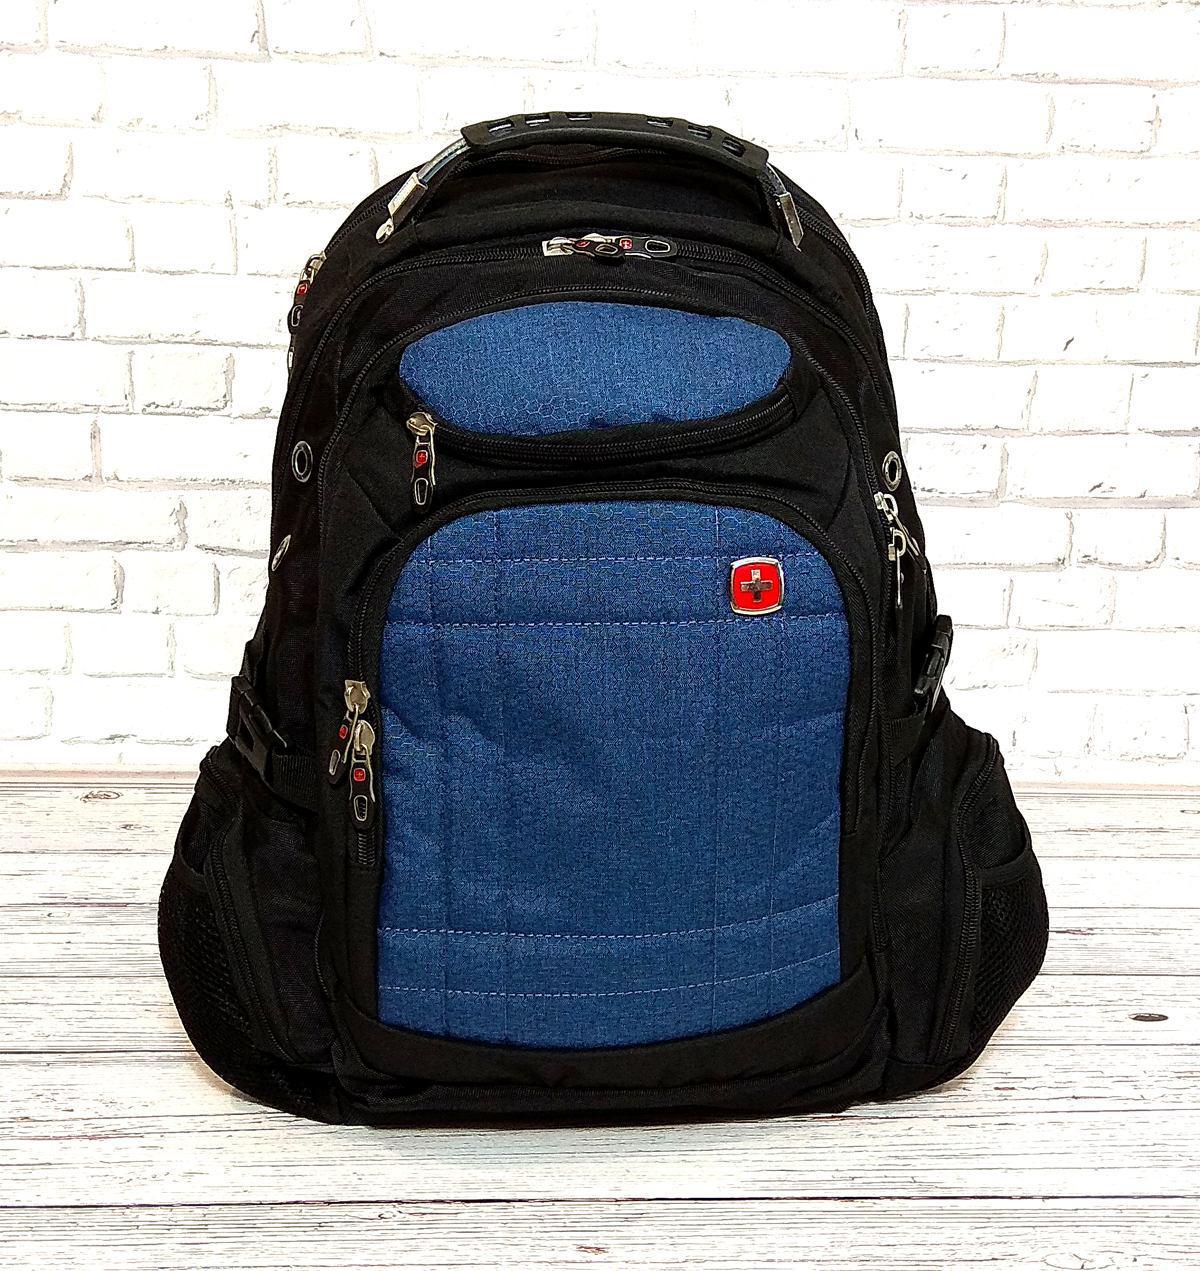 Черный туристический рюкзак с синими вставками + дождевик в подарок